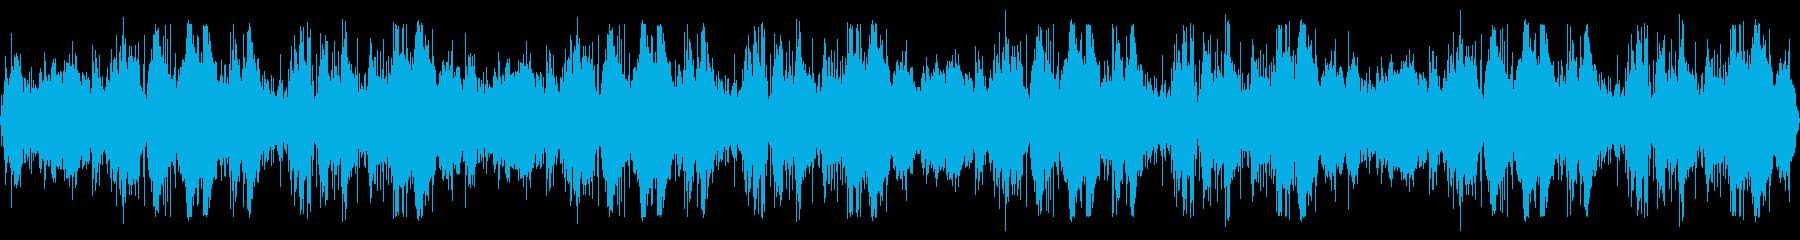 環境音_海_波音_003の再生済みの波形